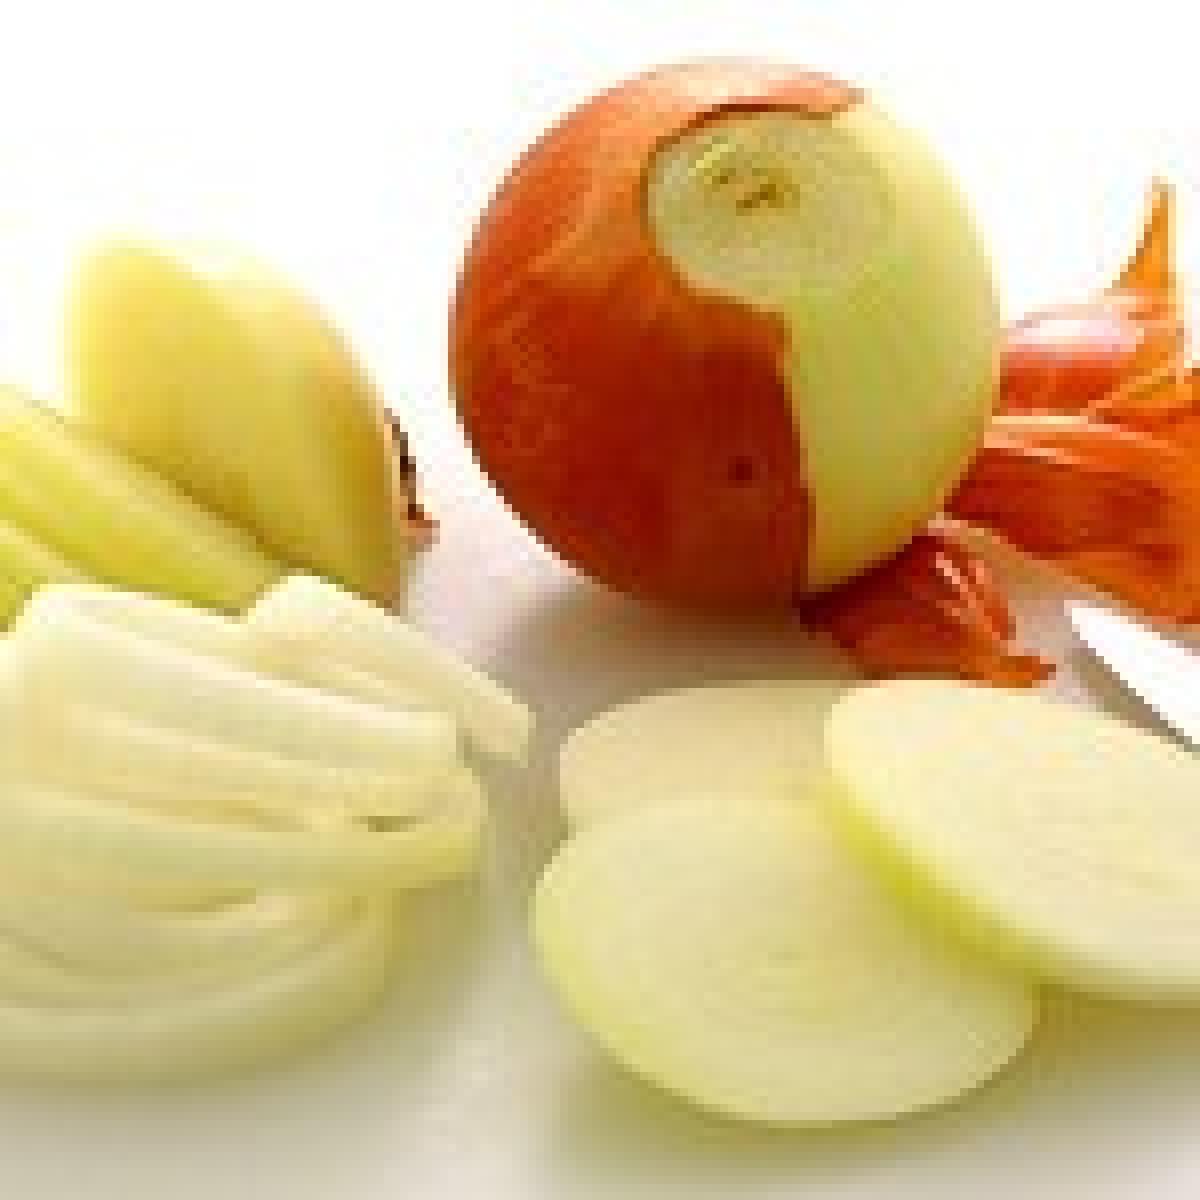 Chop onion 01 20485